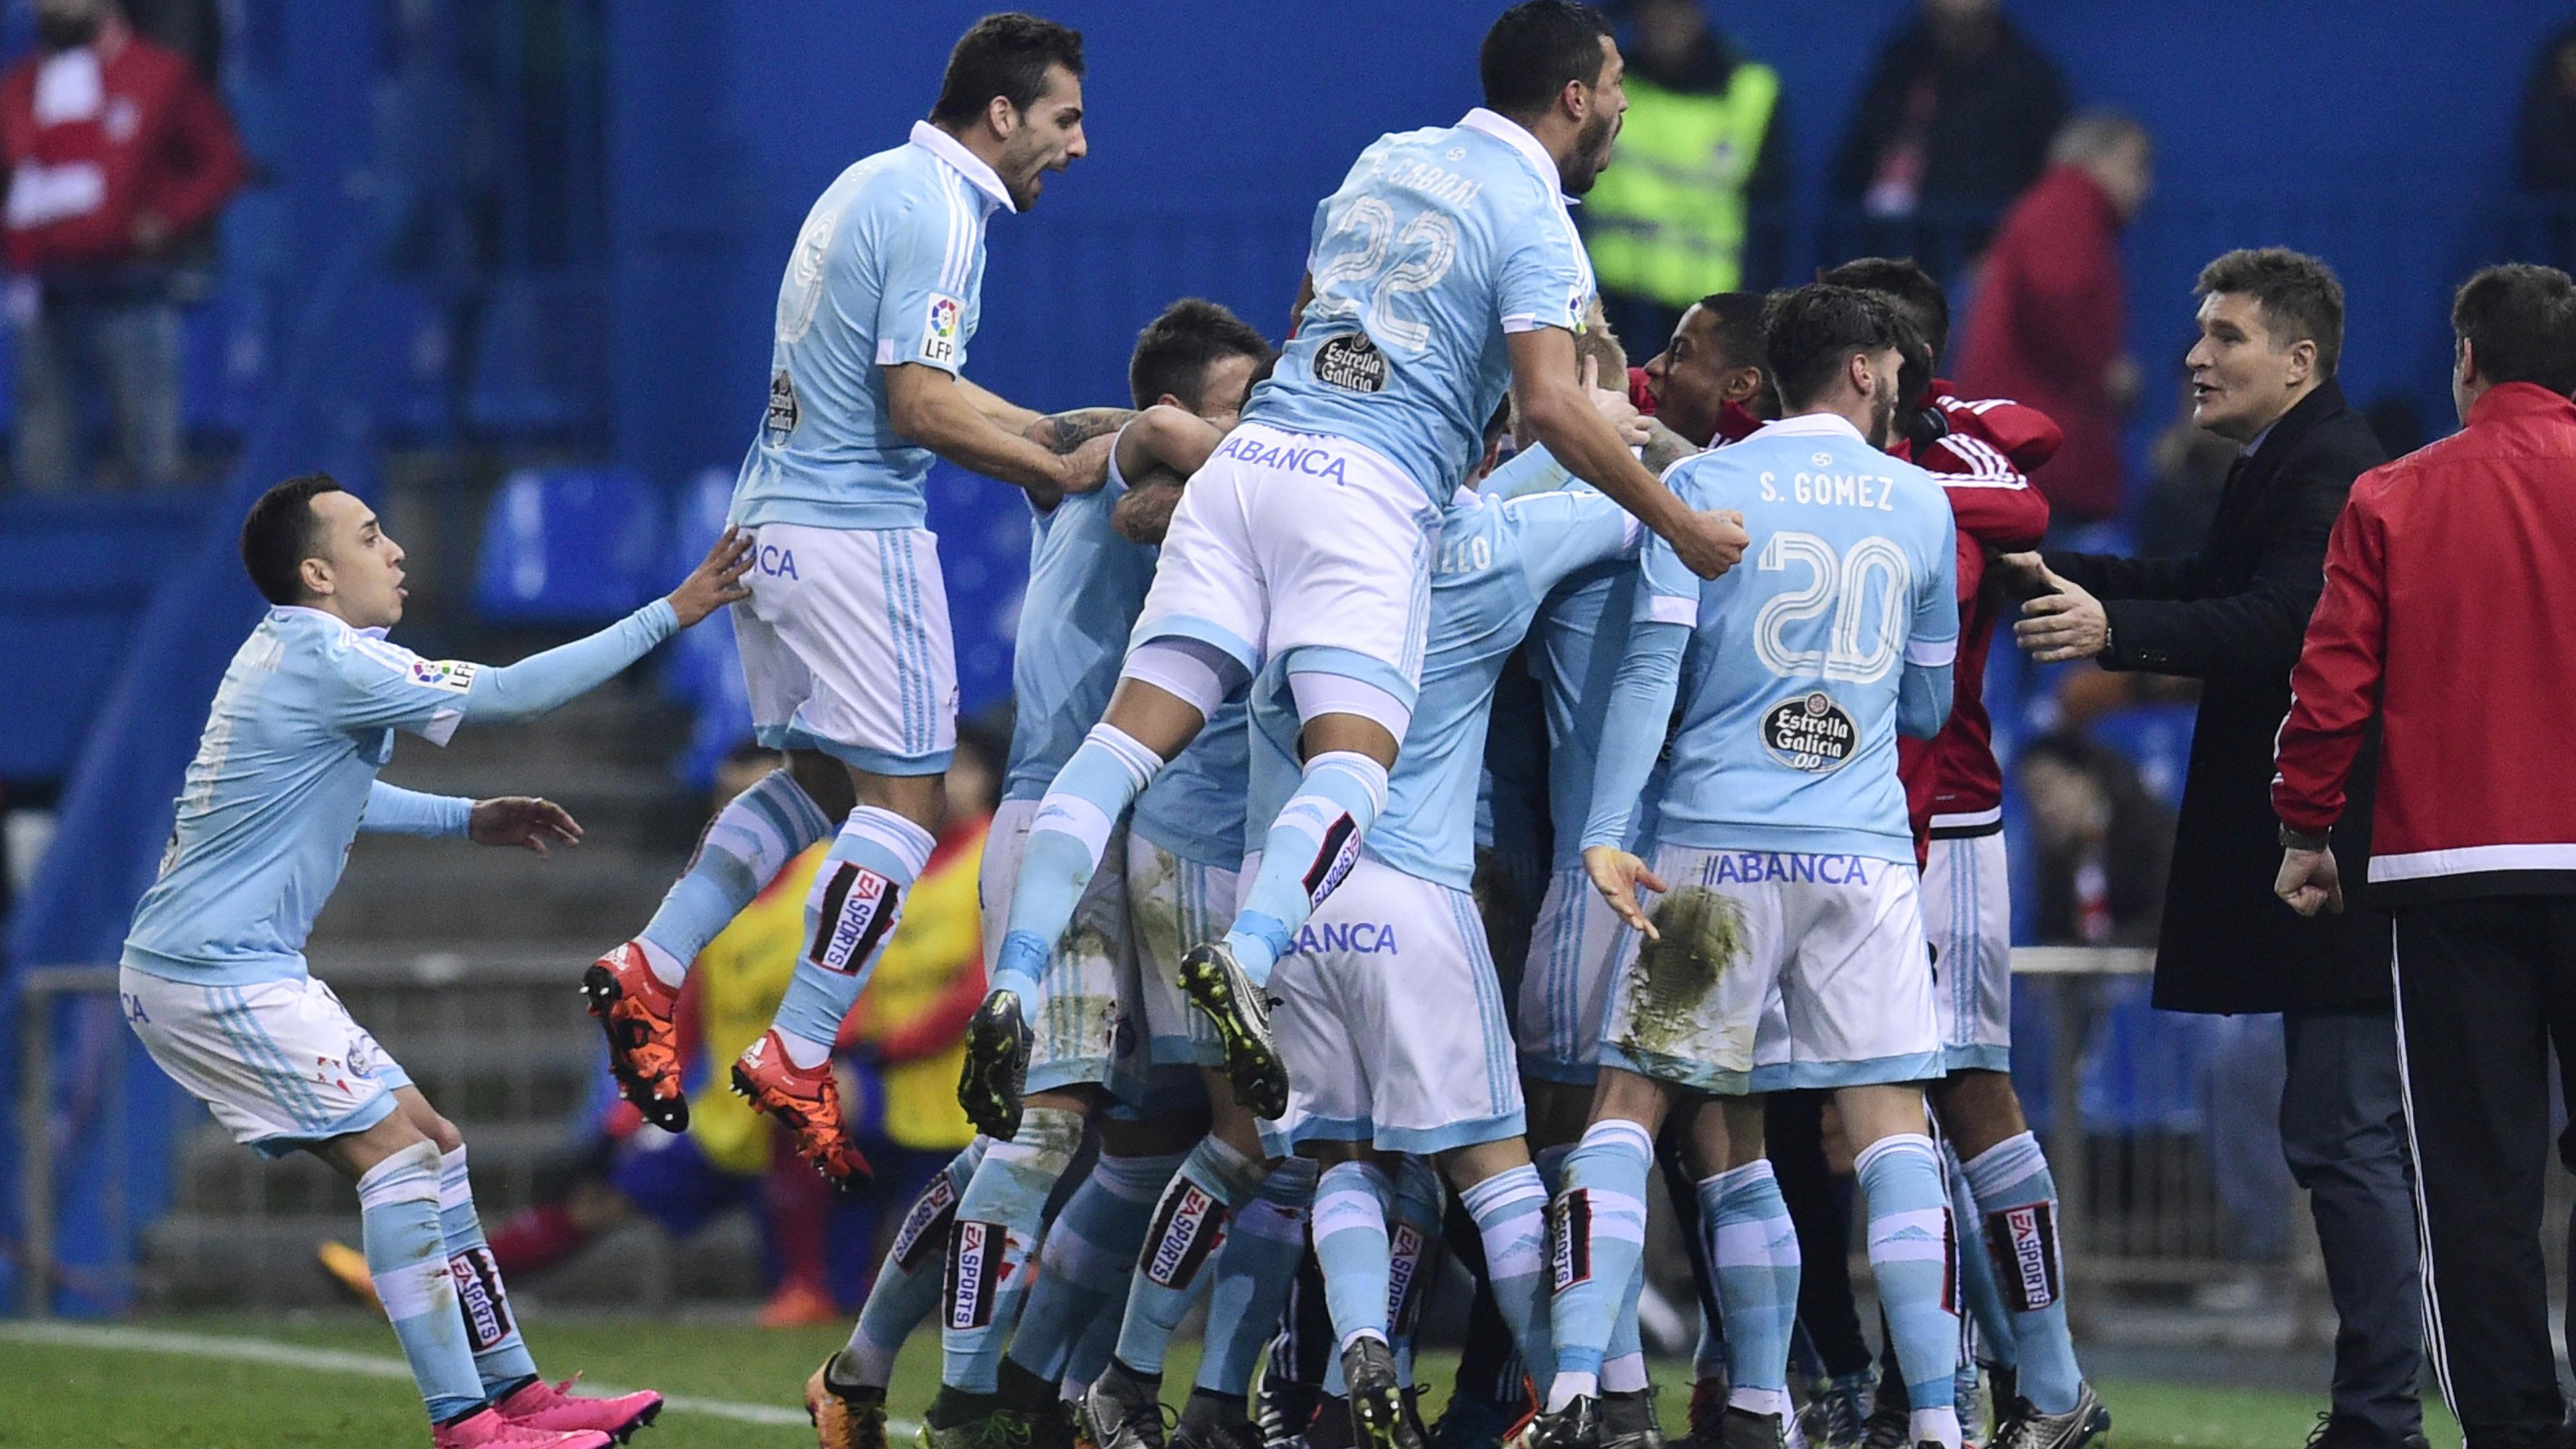 Video: Atletico Madrid vs Celta de Vigo